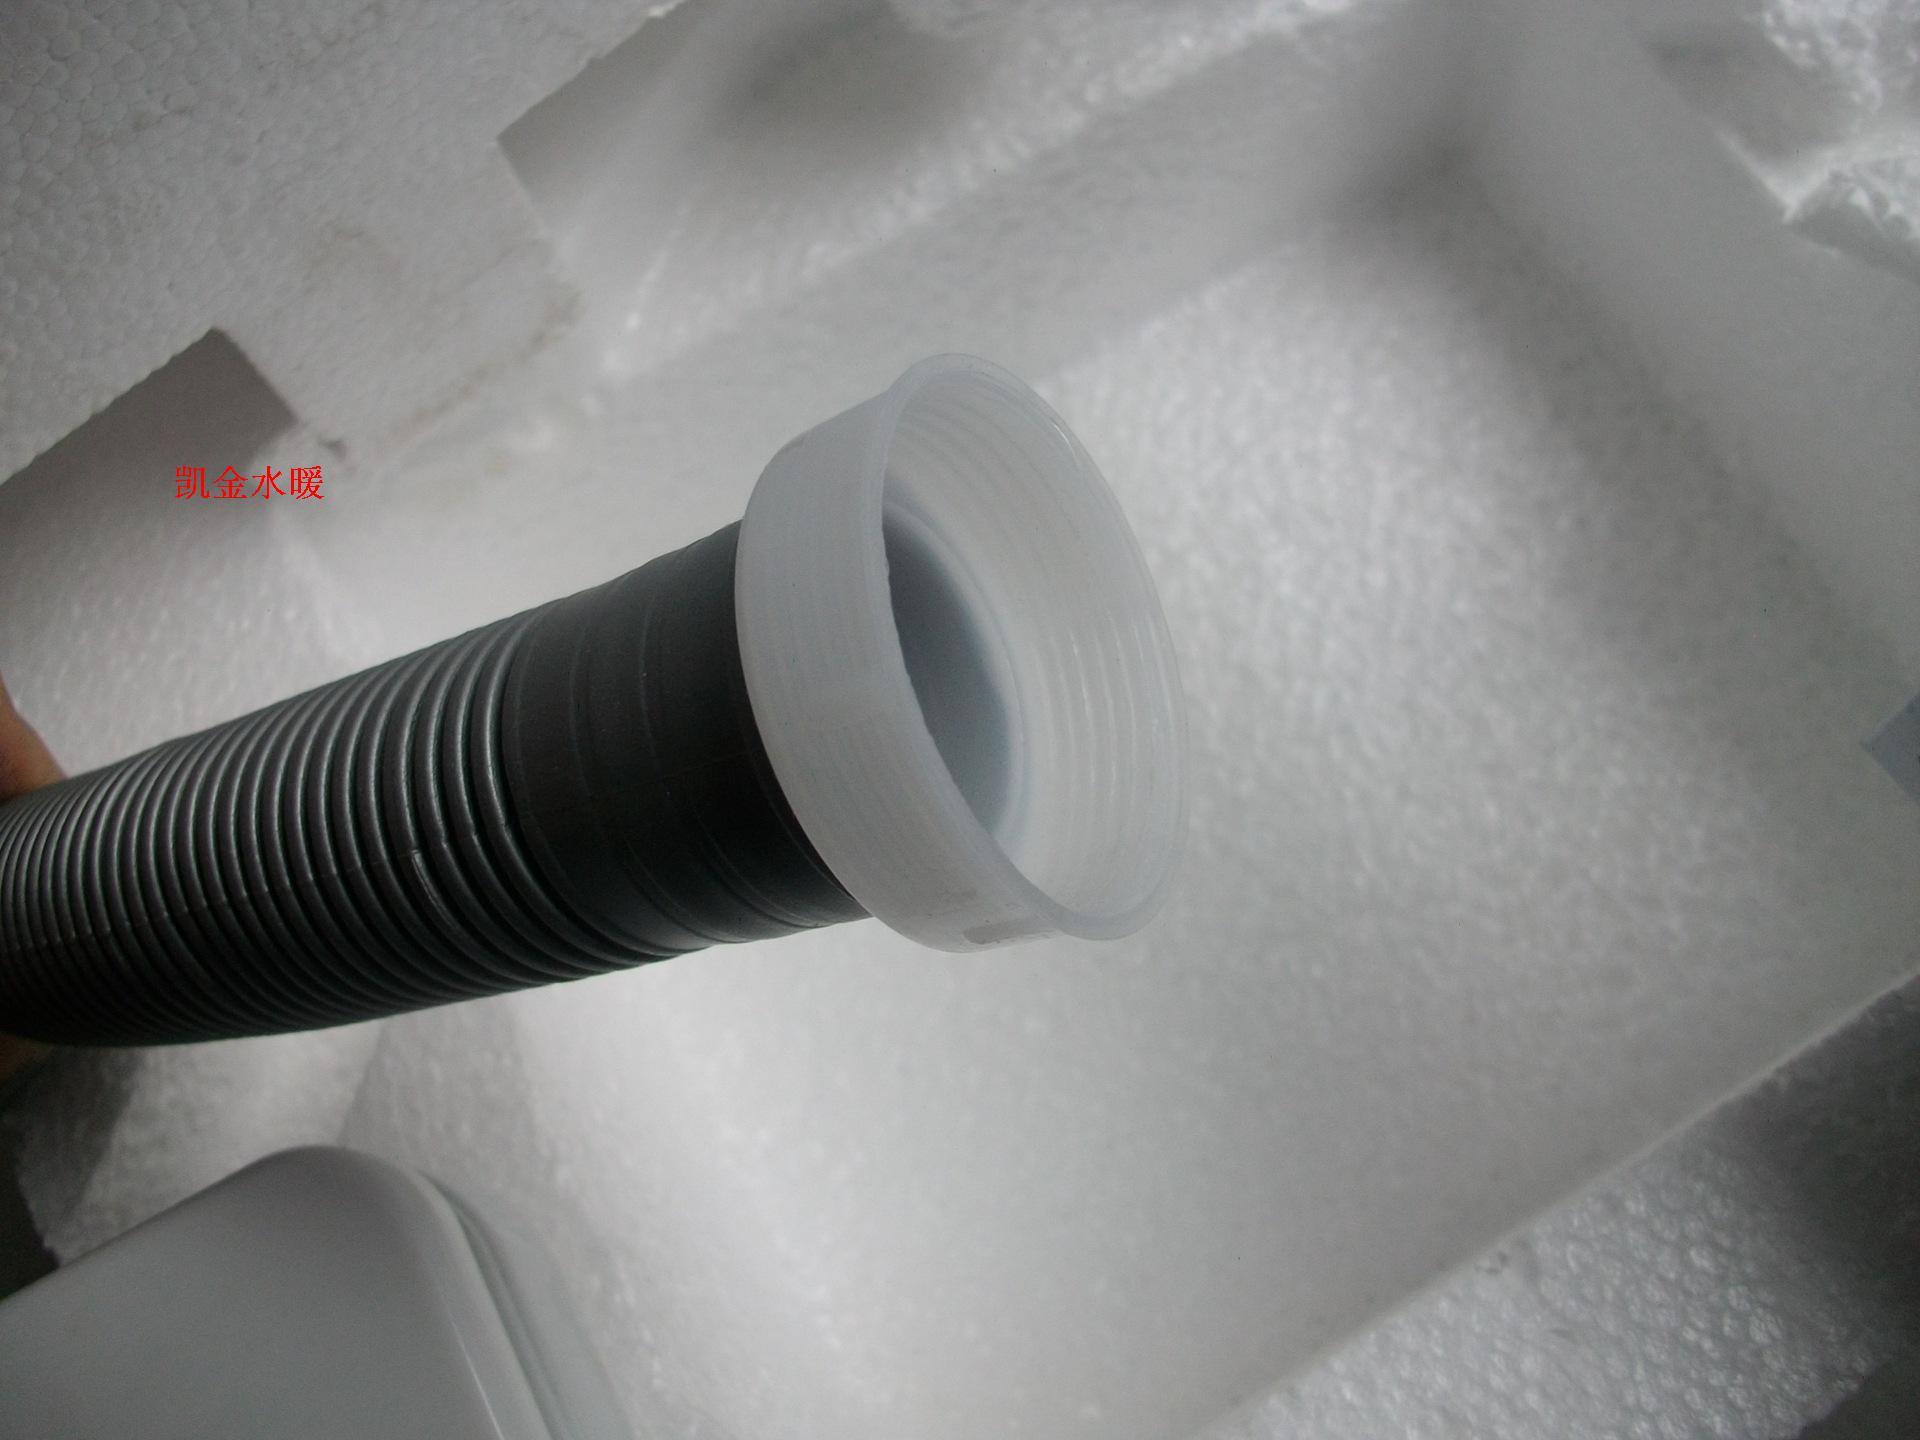 特价加长家装主材防臭落水排水管卫浴用品去水洗手池下水管